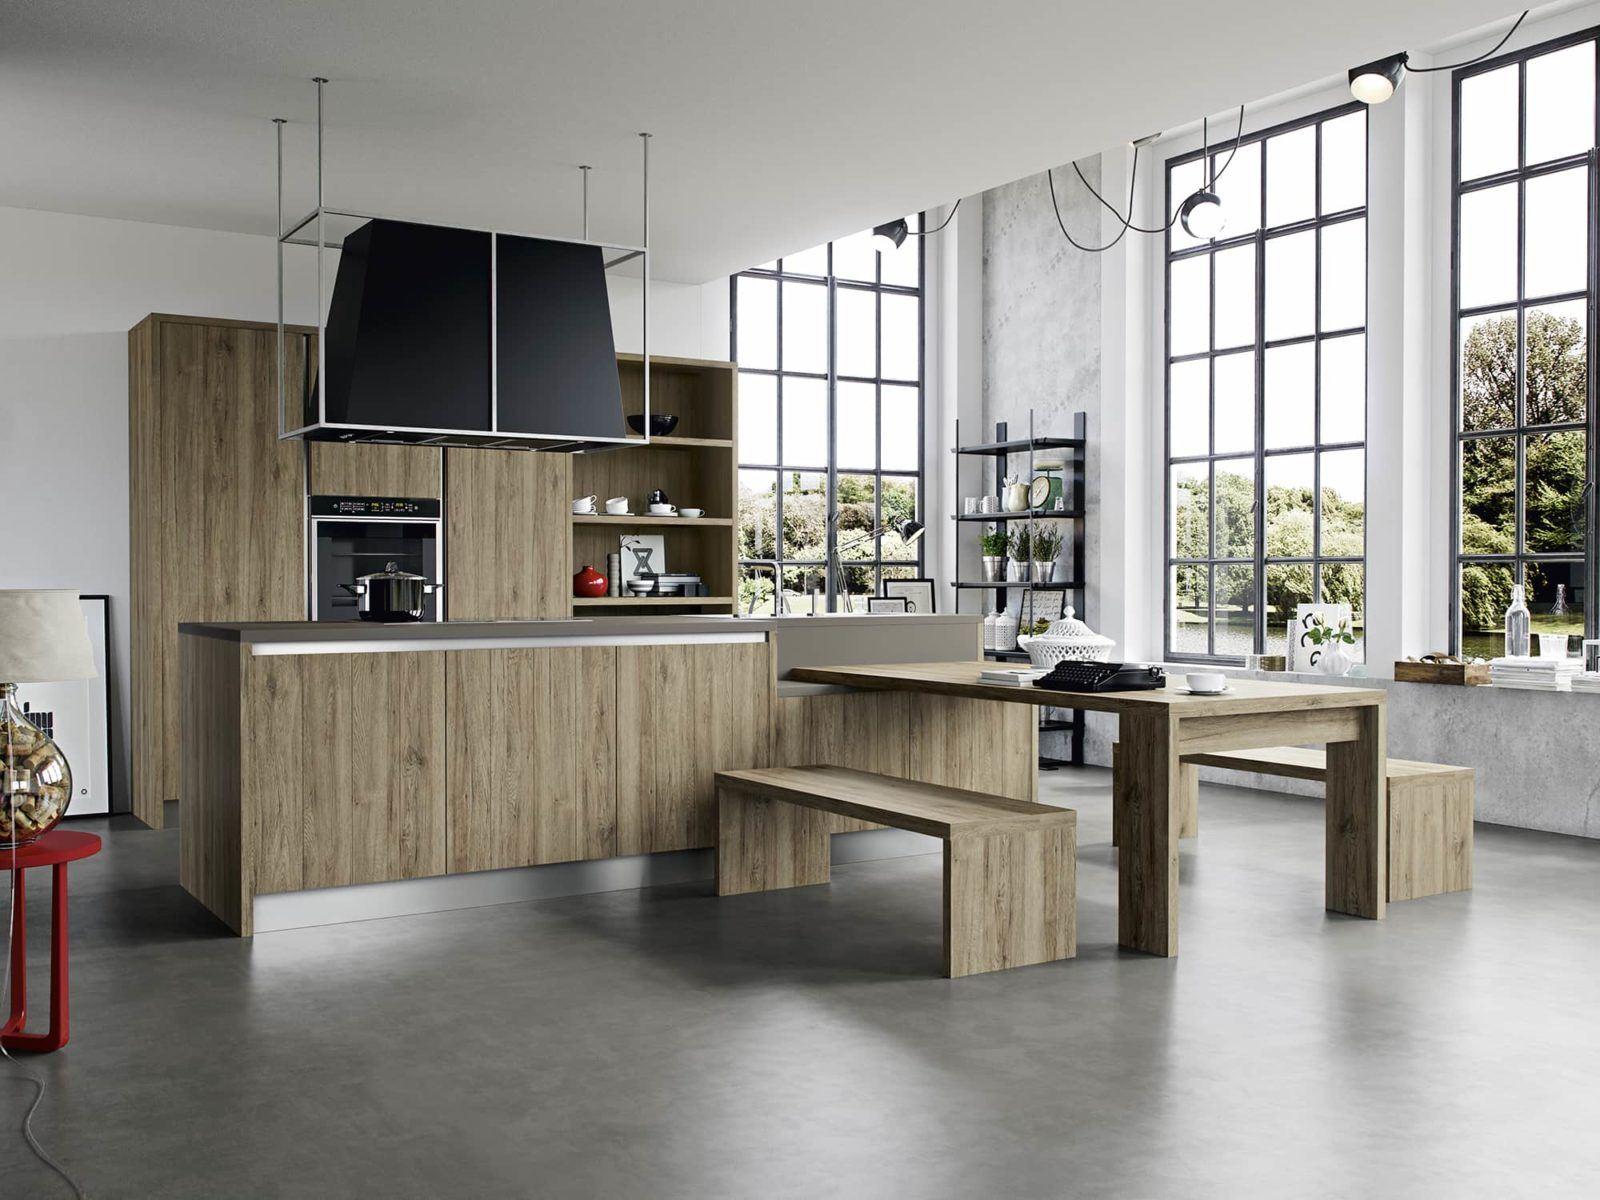 Vendita cucine padova negozio di arredamento cucine - Pulire mobili legno cucina ...